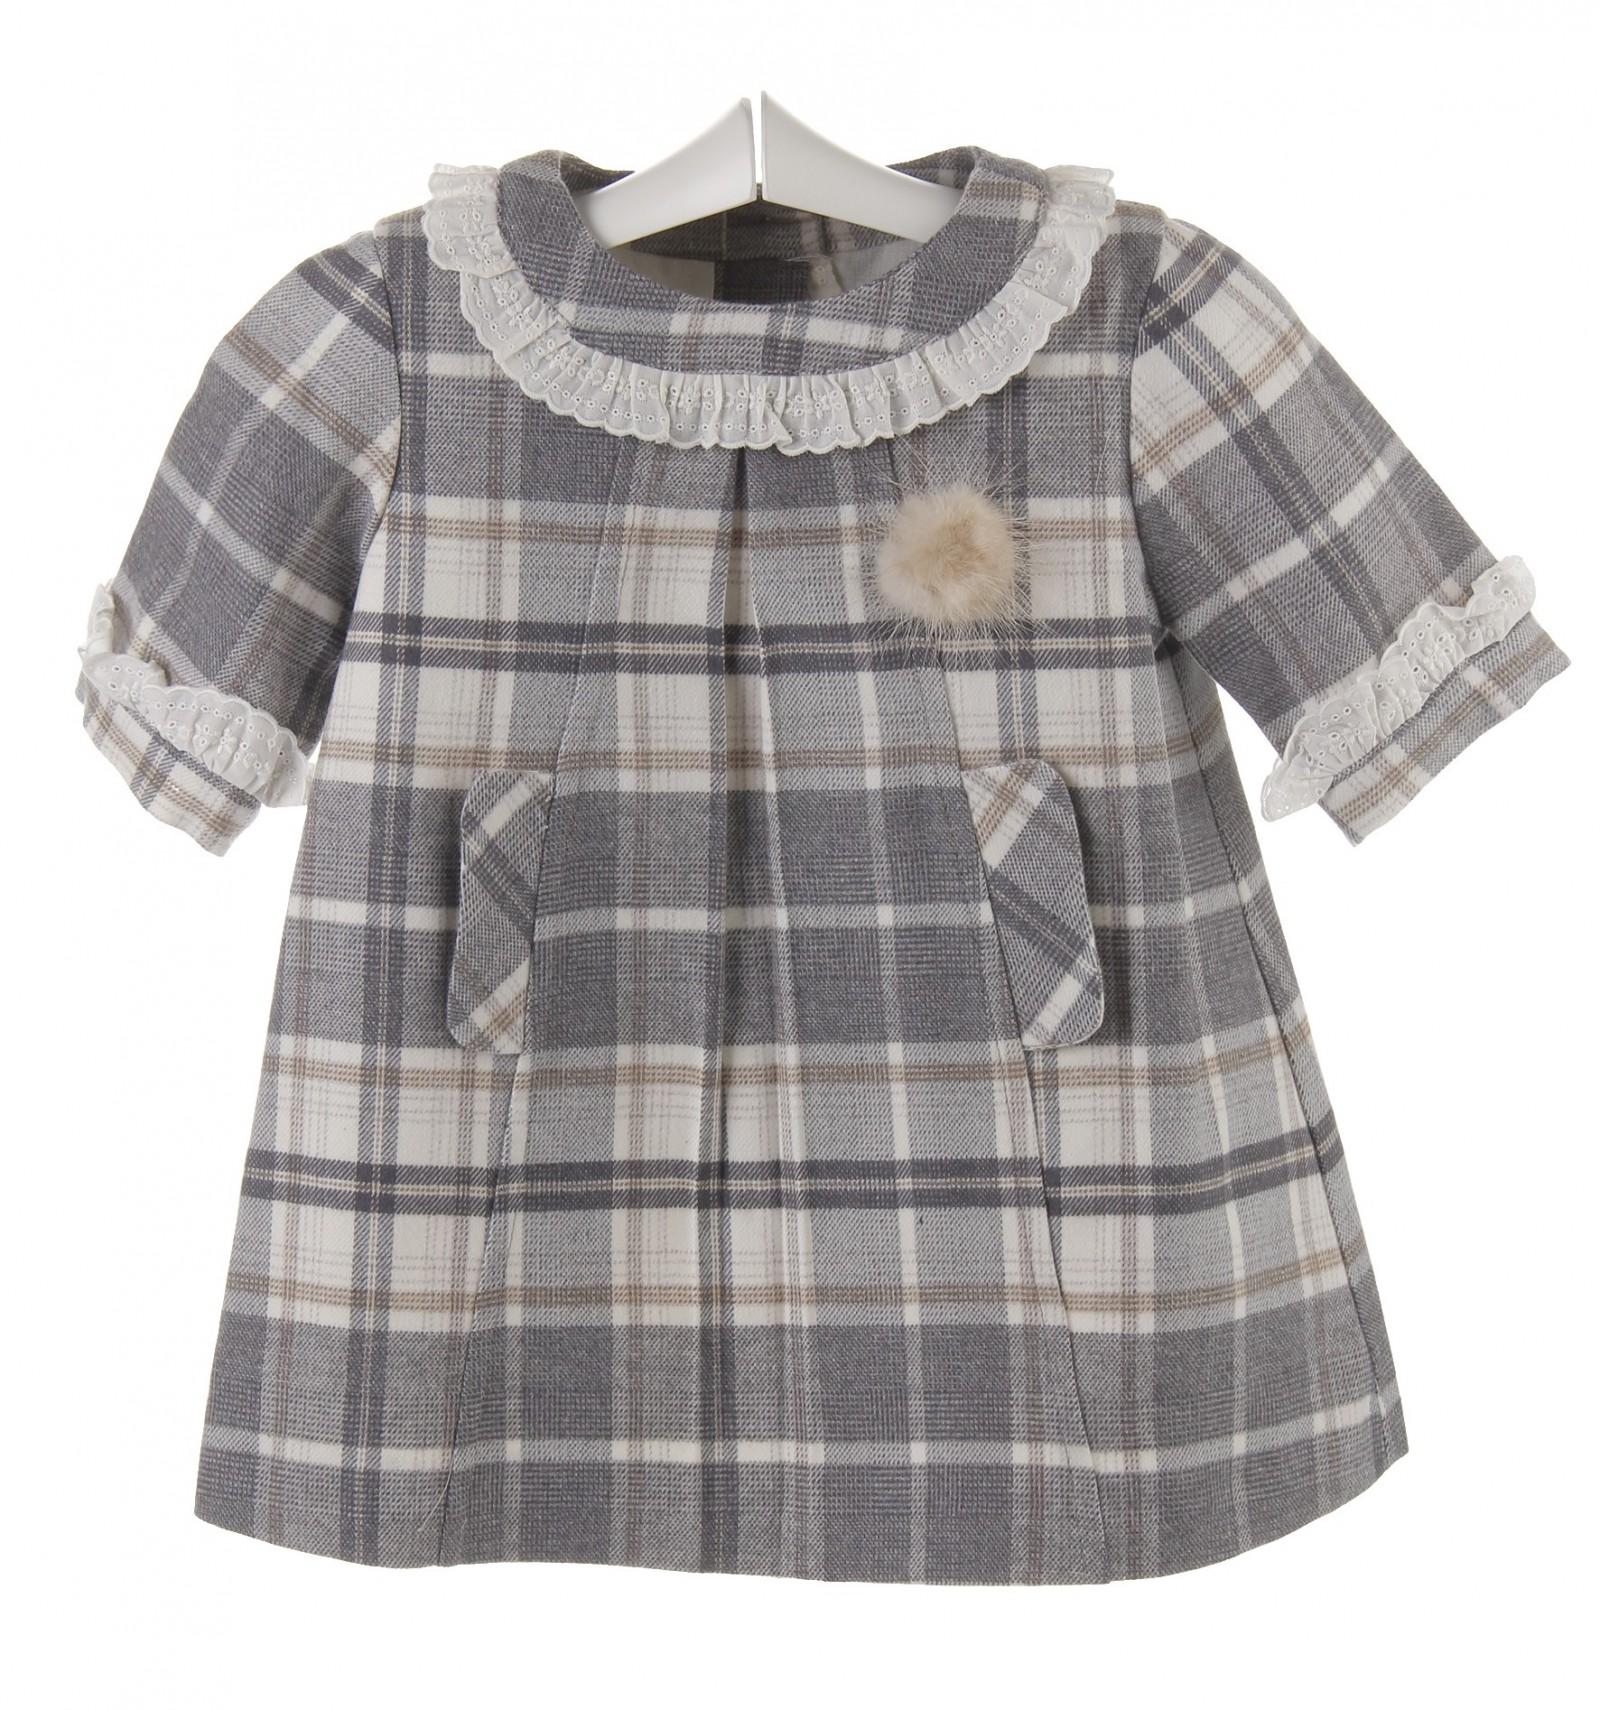 Compra vestidos bebe y niña. Tienda online ropa infantil y de bebés ... 29df40ca587